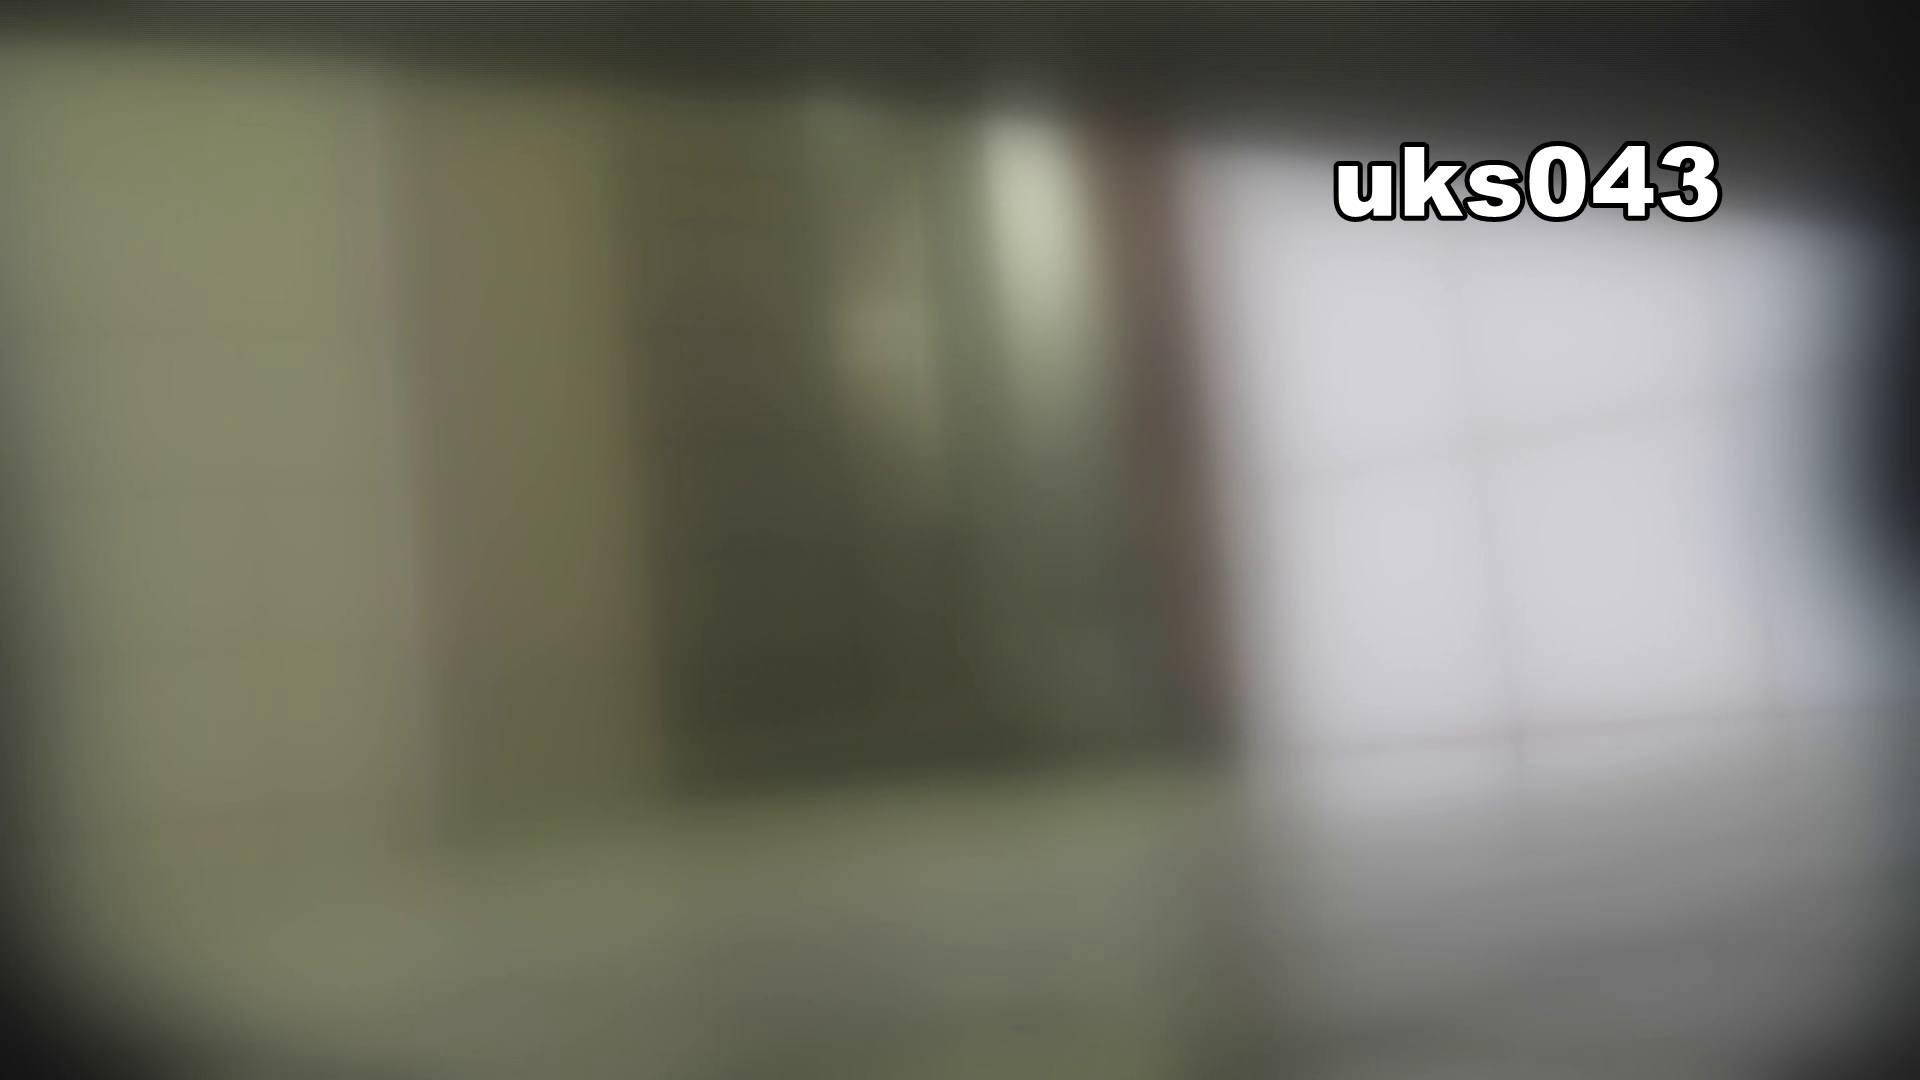 【美しき個室な世界】 vol.043 緊迫状況 OL女体   洗面所  109連発 103